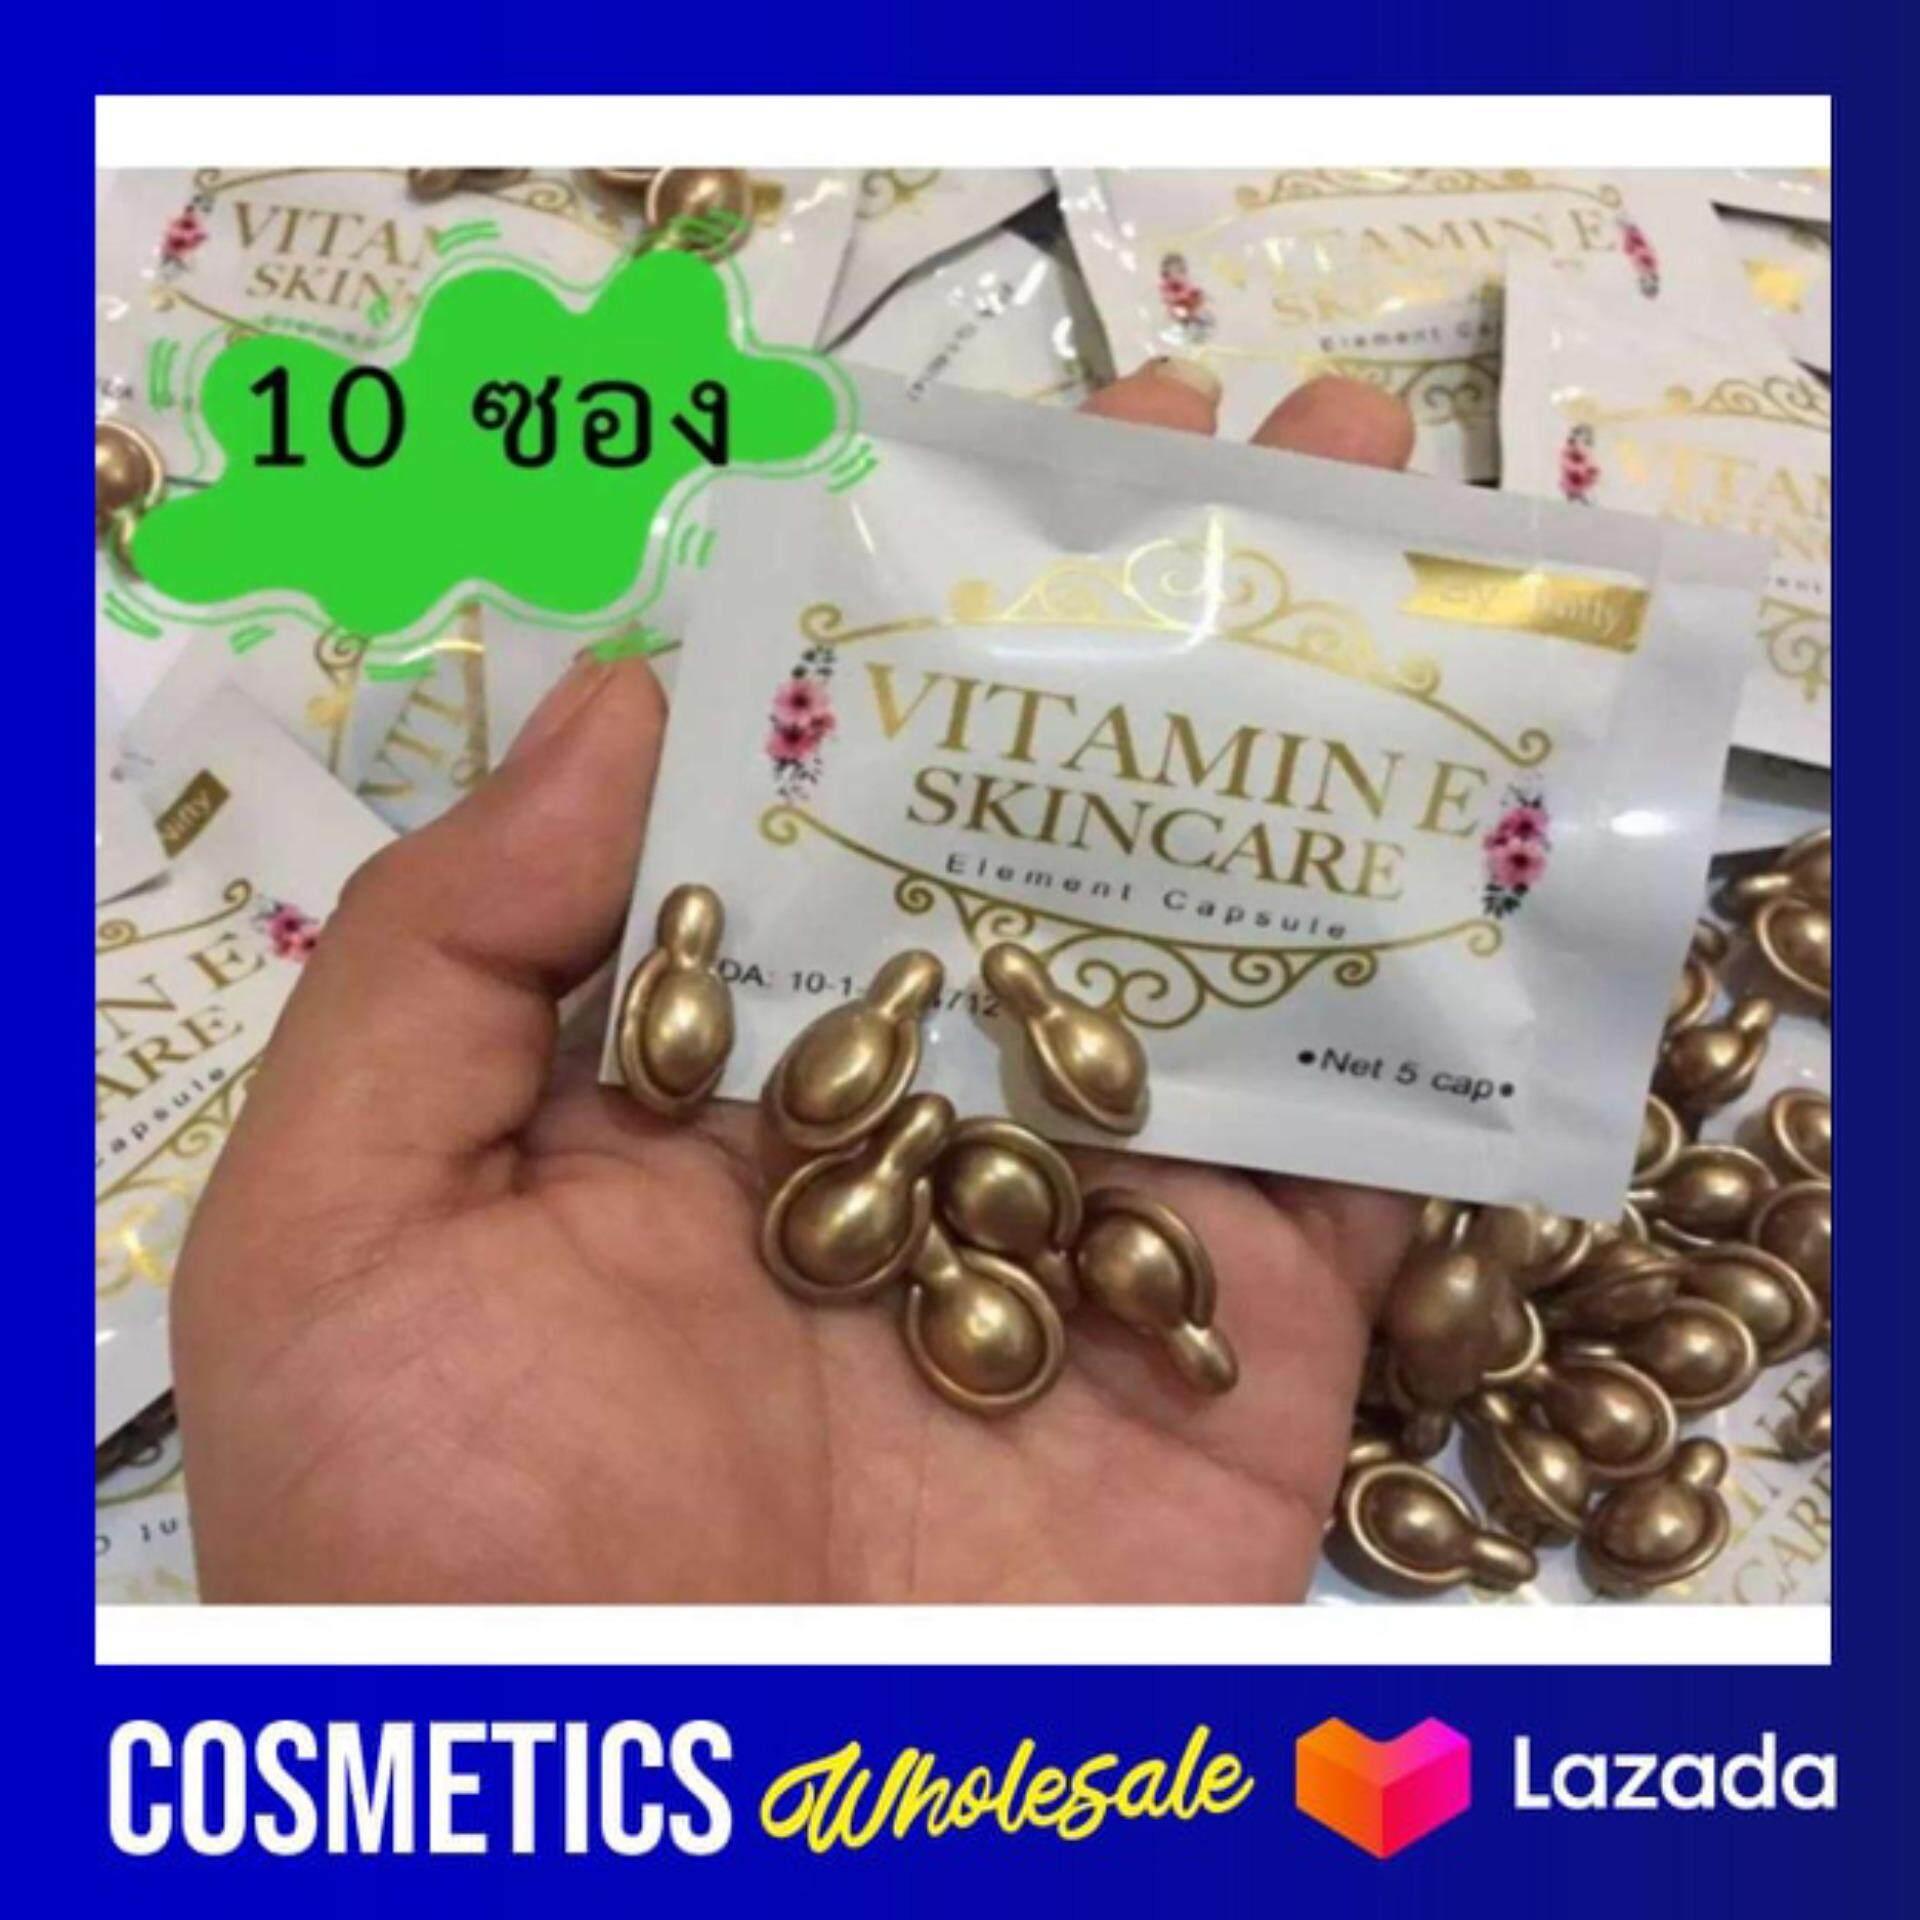 ( 10 ซอง/แท้/พร้อมส่ง) วิตามิน อี บำรุงผิวหน้า vitamin E skin care by nifty Nifty ทาหน้า